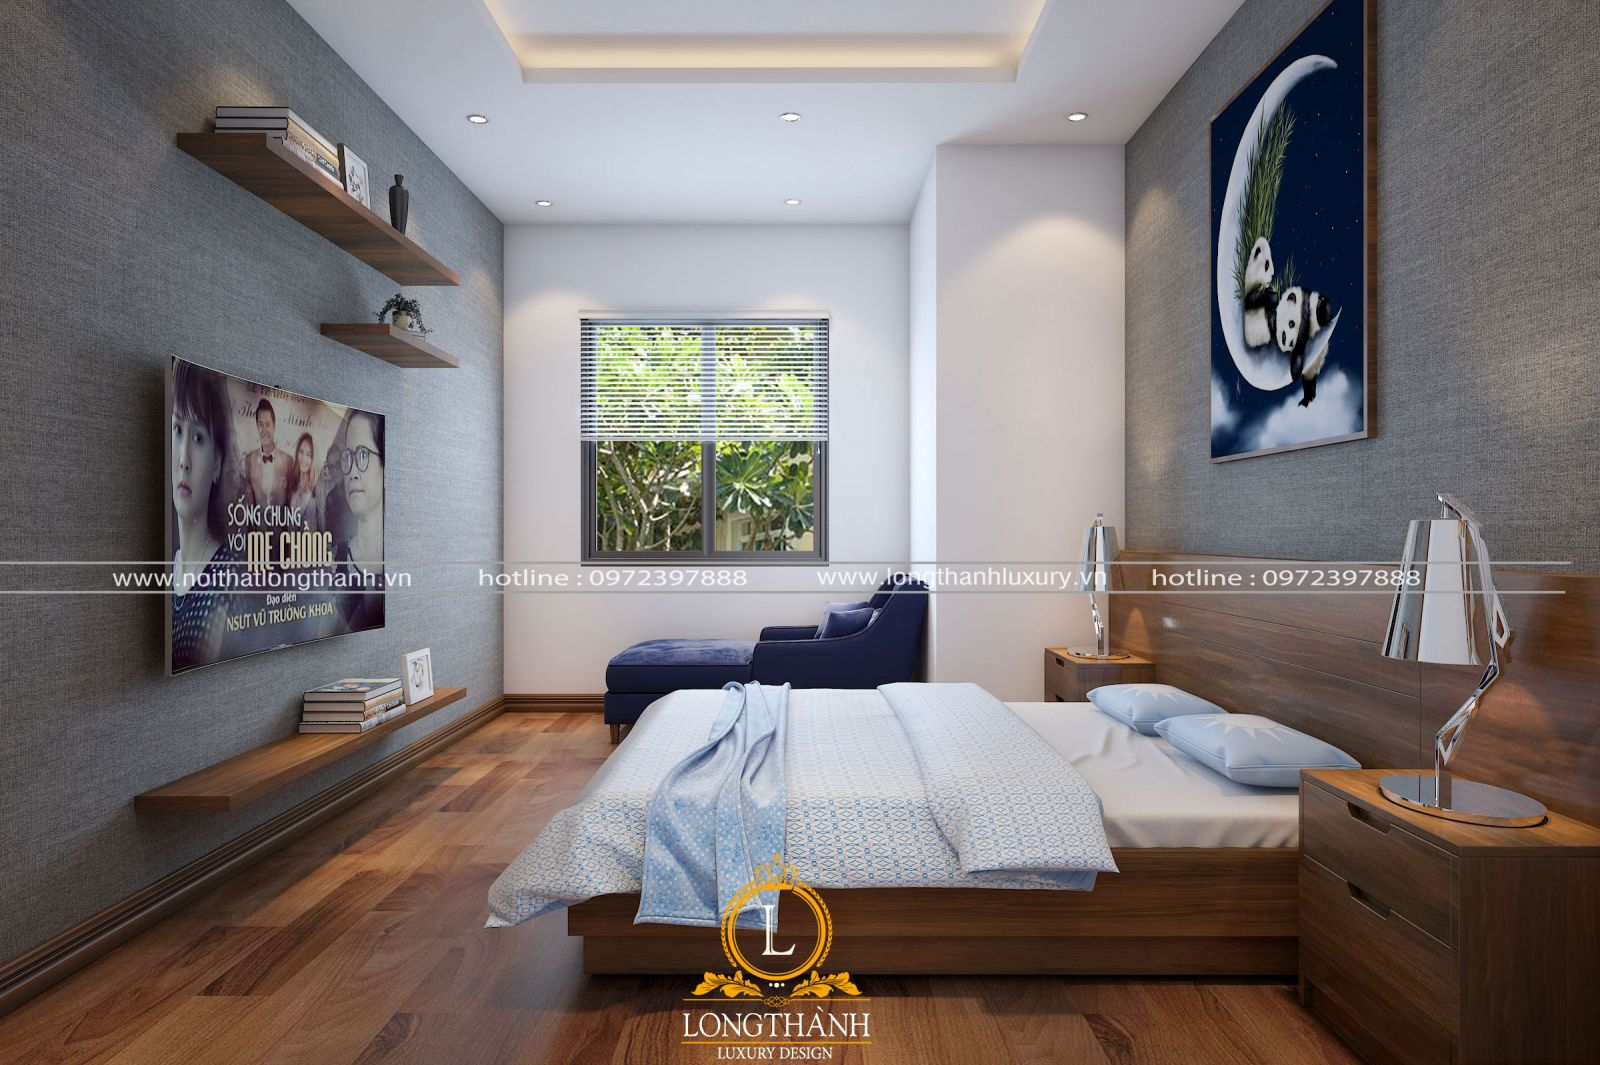 Mẫu thiết kế nội thất phòng ngủ hiện đại dành cho bé trai